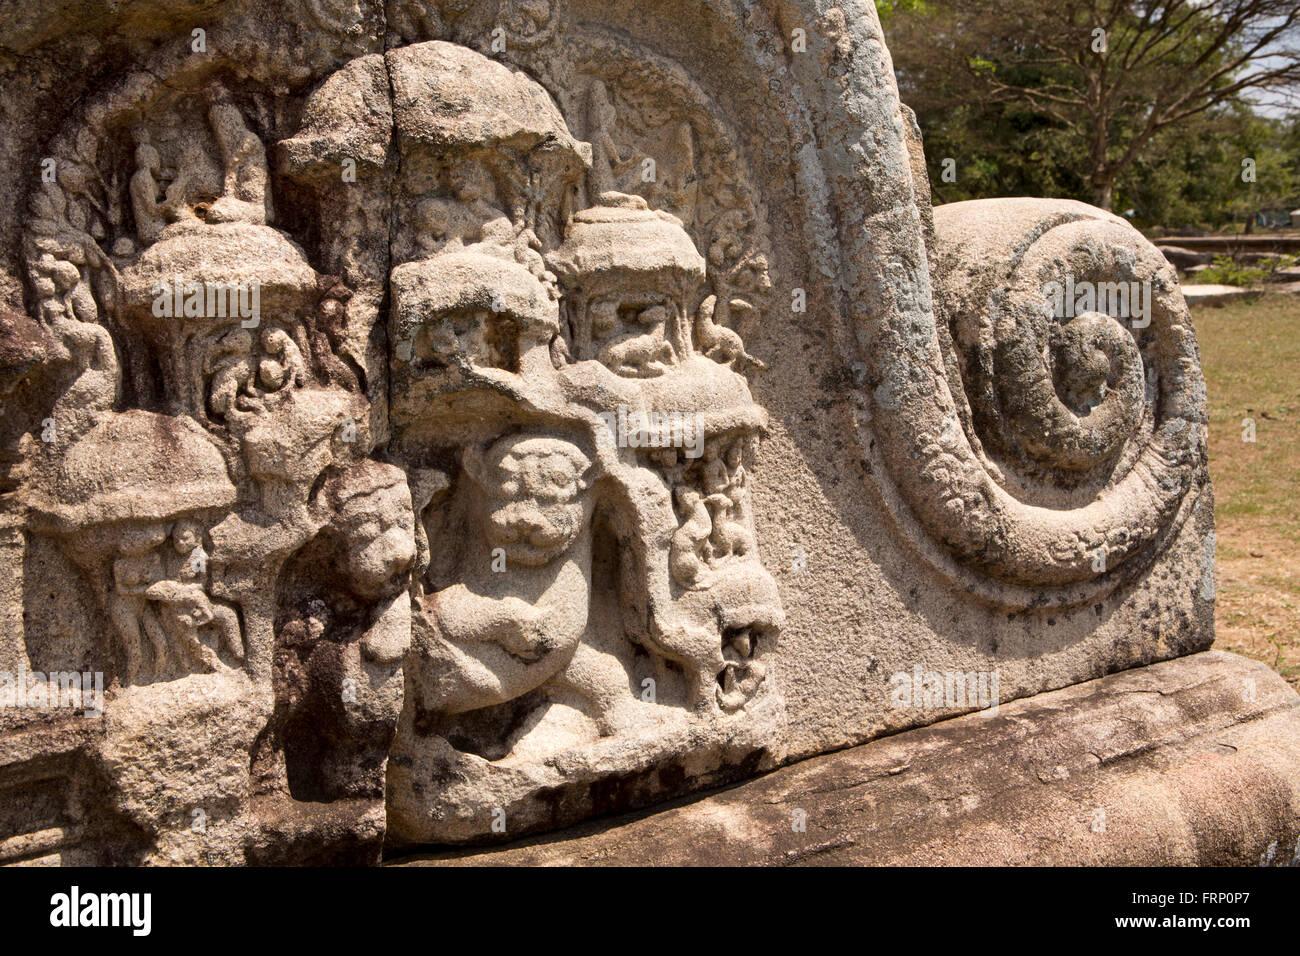 Sri lanka anuradhapura thuparamaya carved stone at